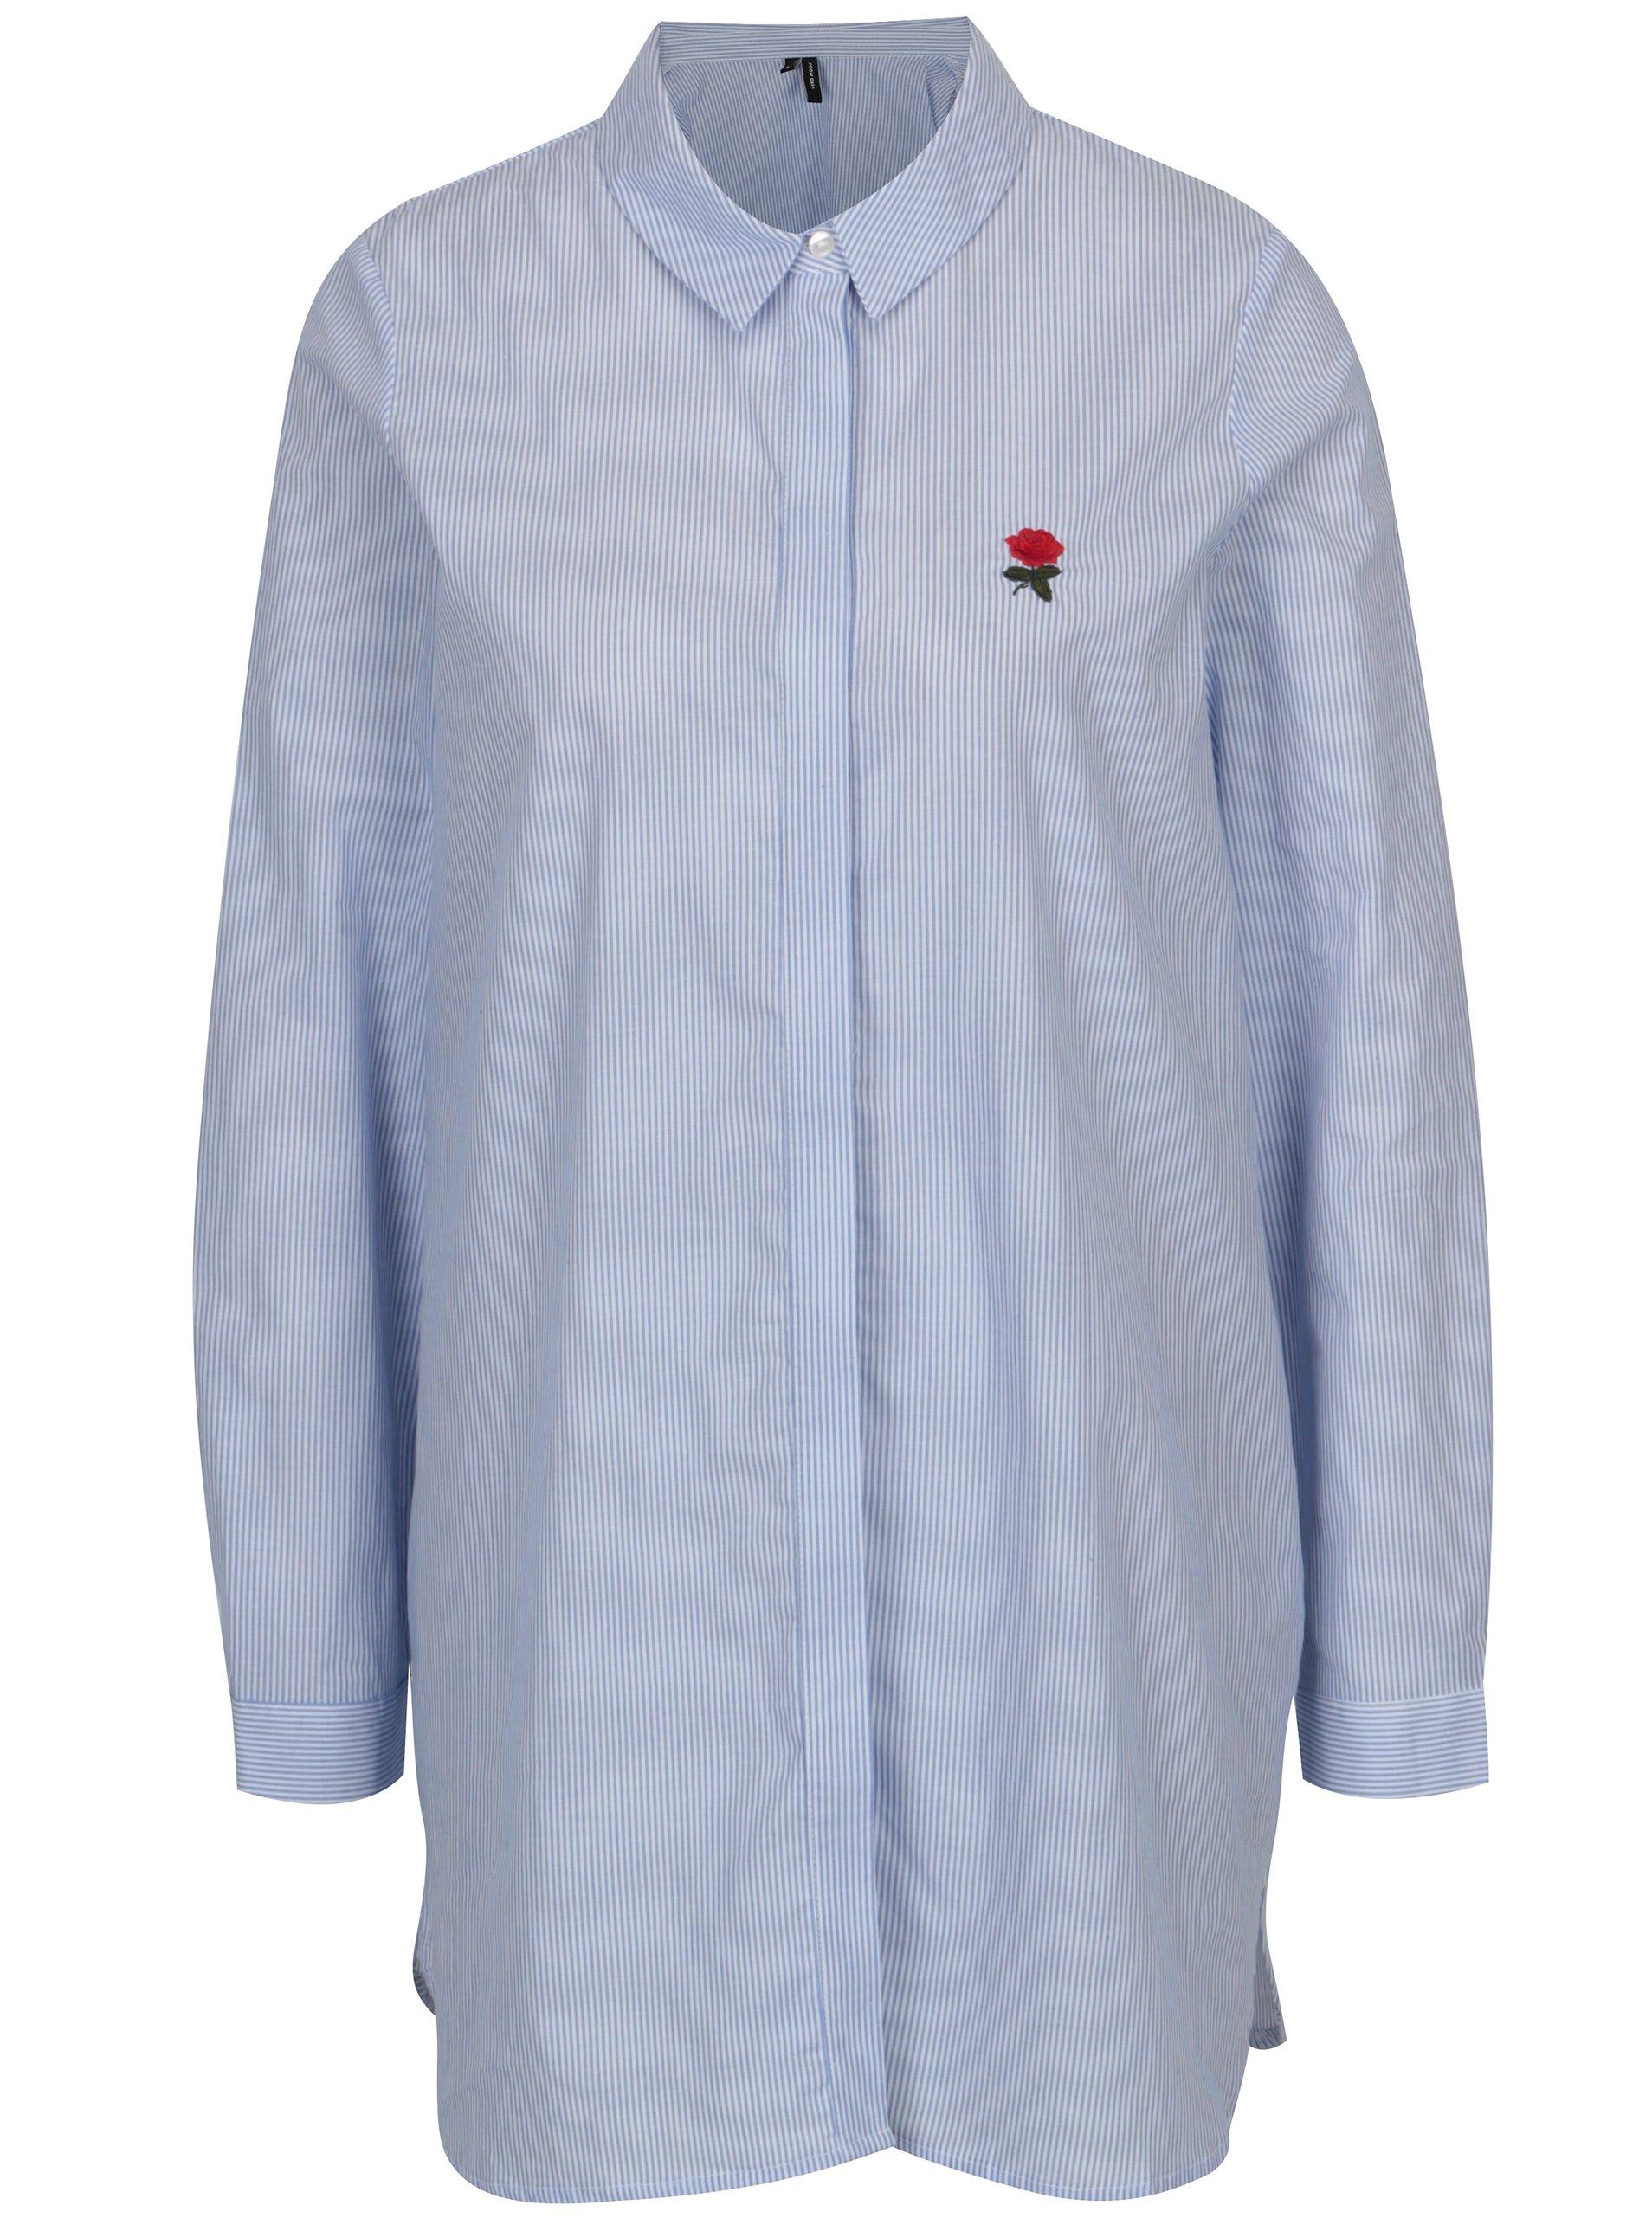 d99b67d95475 Bielo-modrá dlhá pruhovaná košeľa VERO MODA Multi Rosa